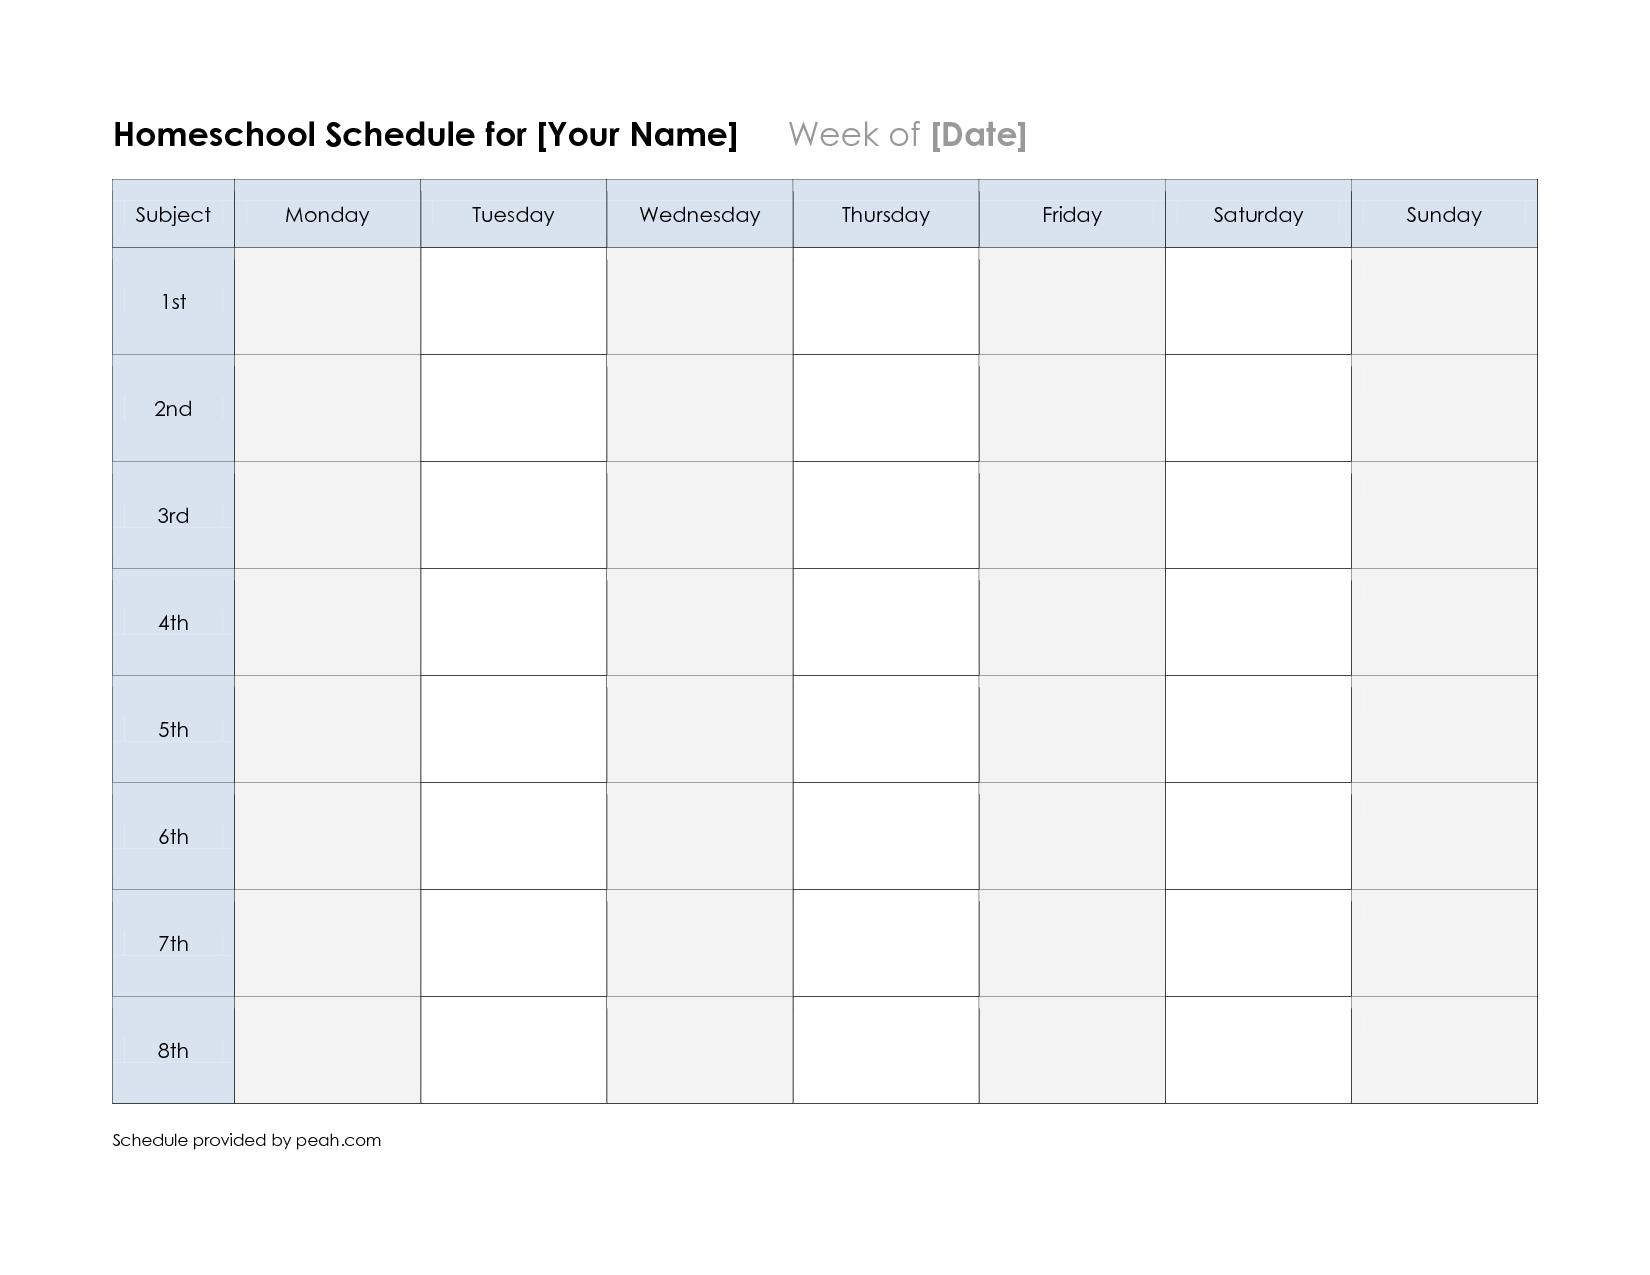 Free+Printable+Weekly+Schedule+Calendar | Weekly Calendar regarding Printable Nfl Schedule For 2020 2021